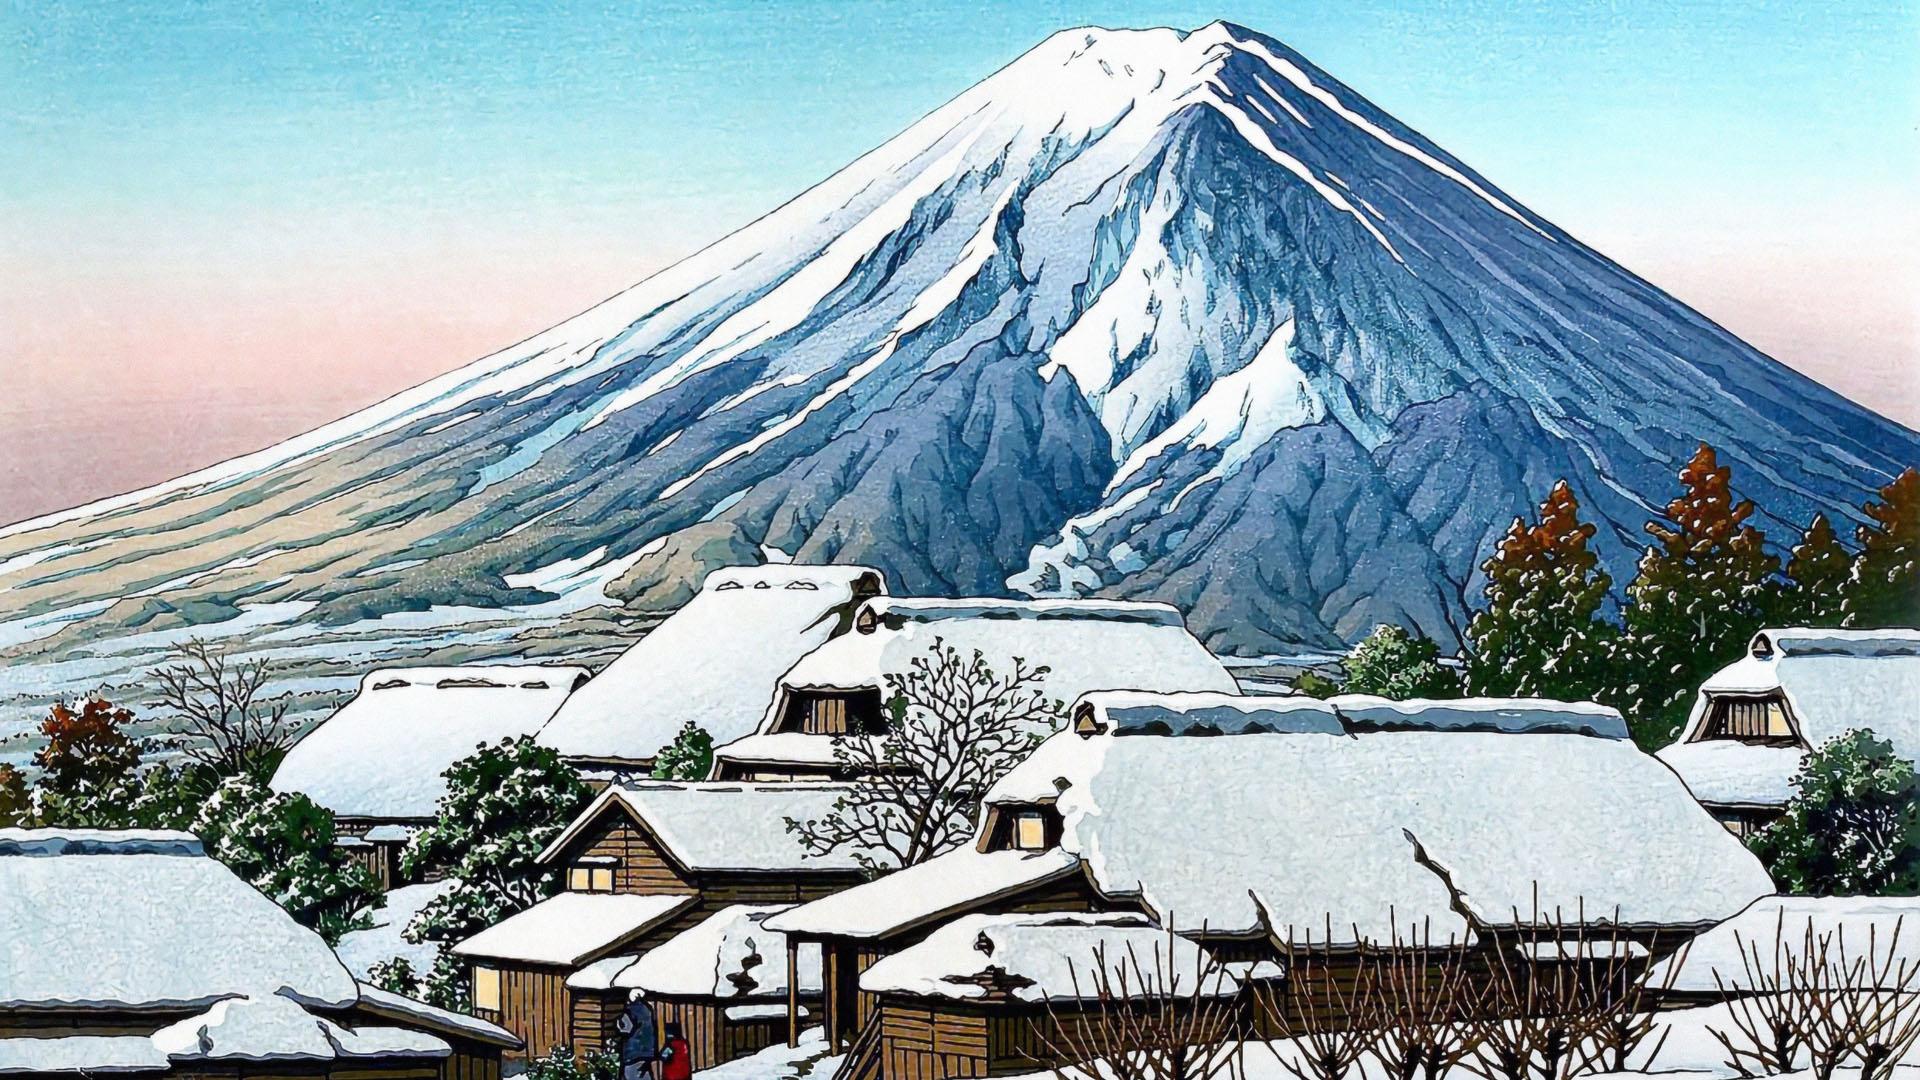 Kawase Hasui - Yoshida no yukibare 1920x1080